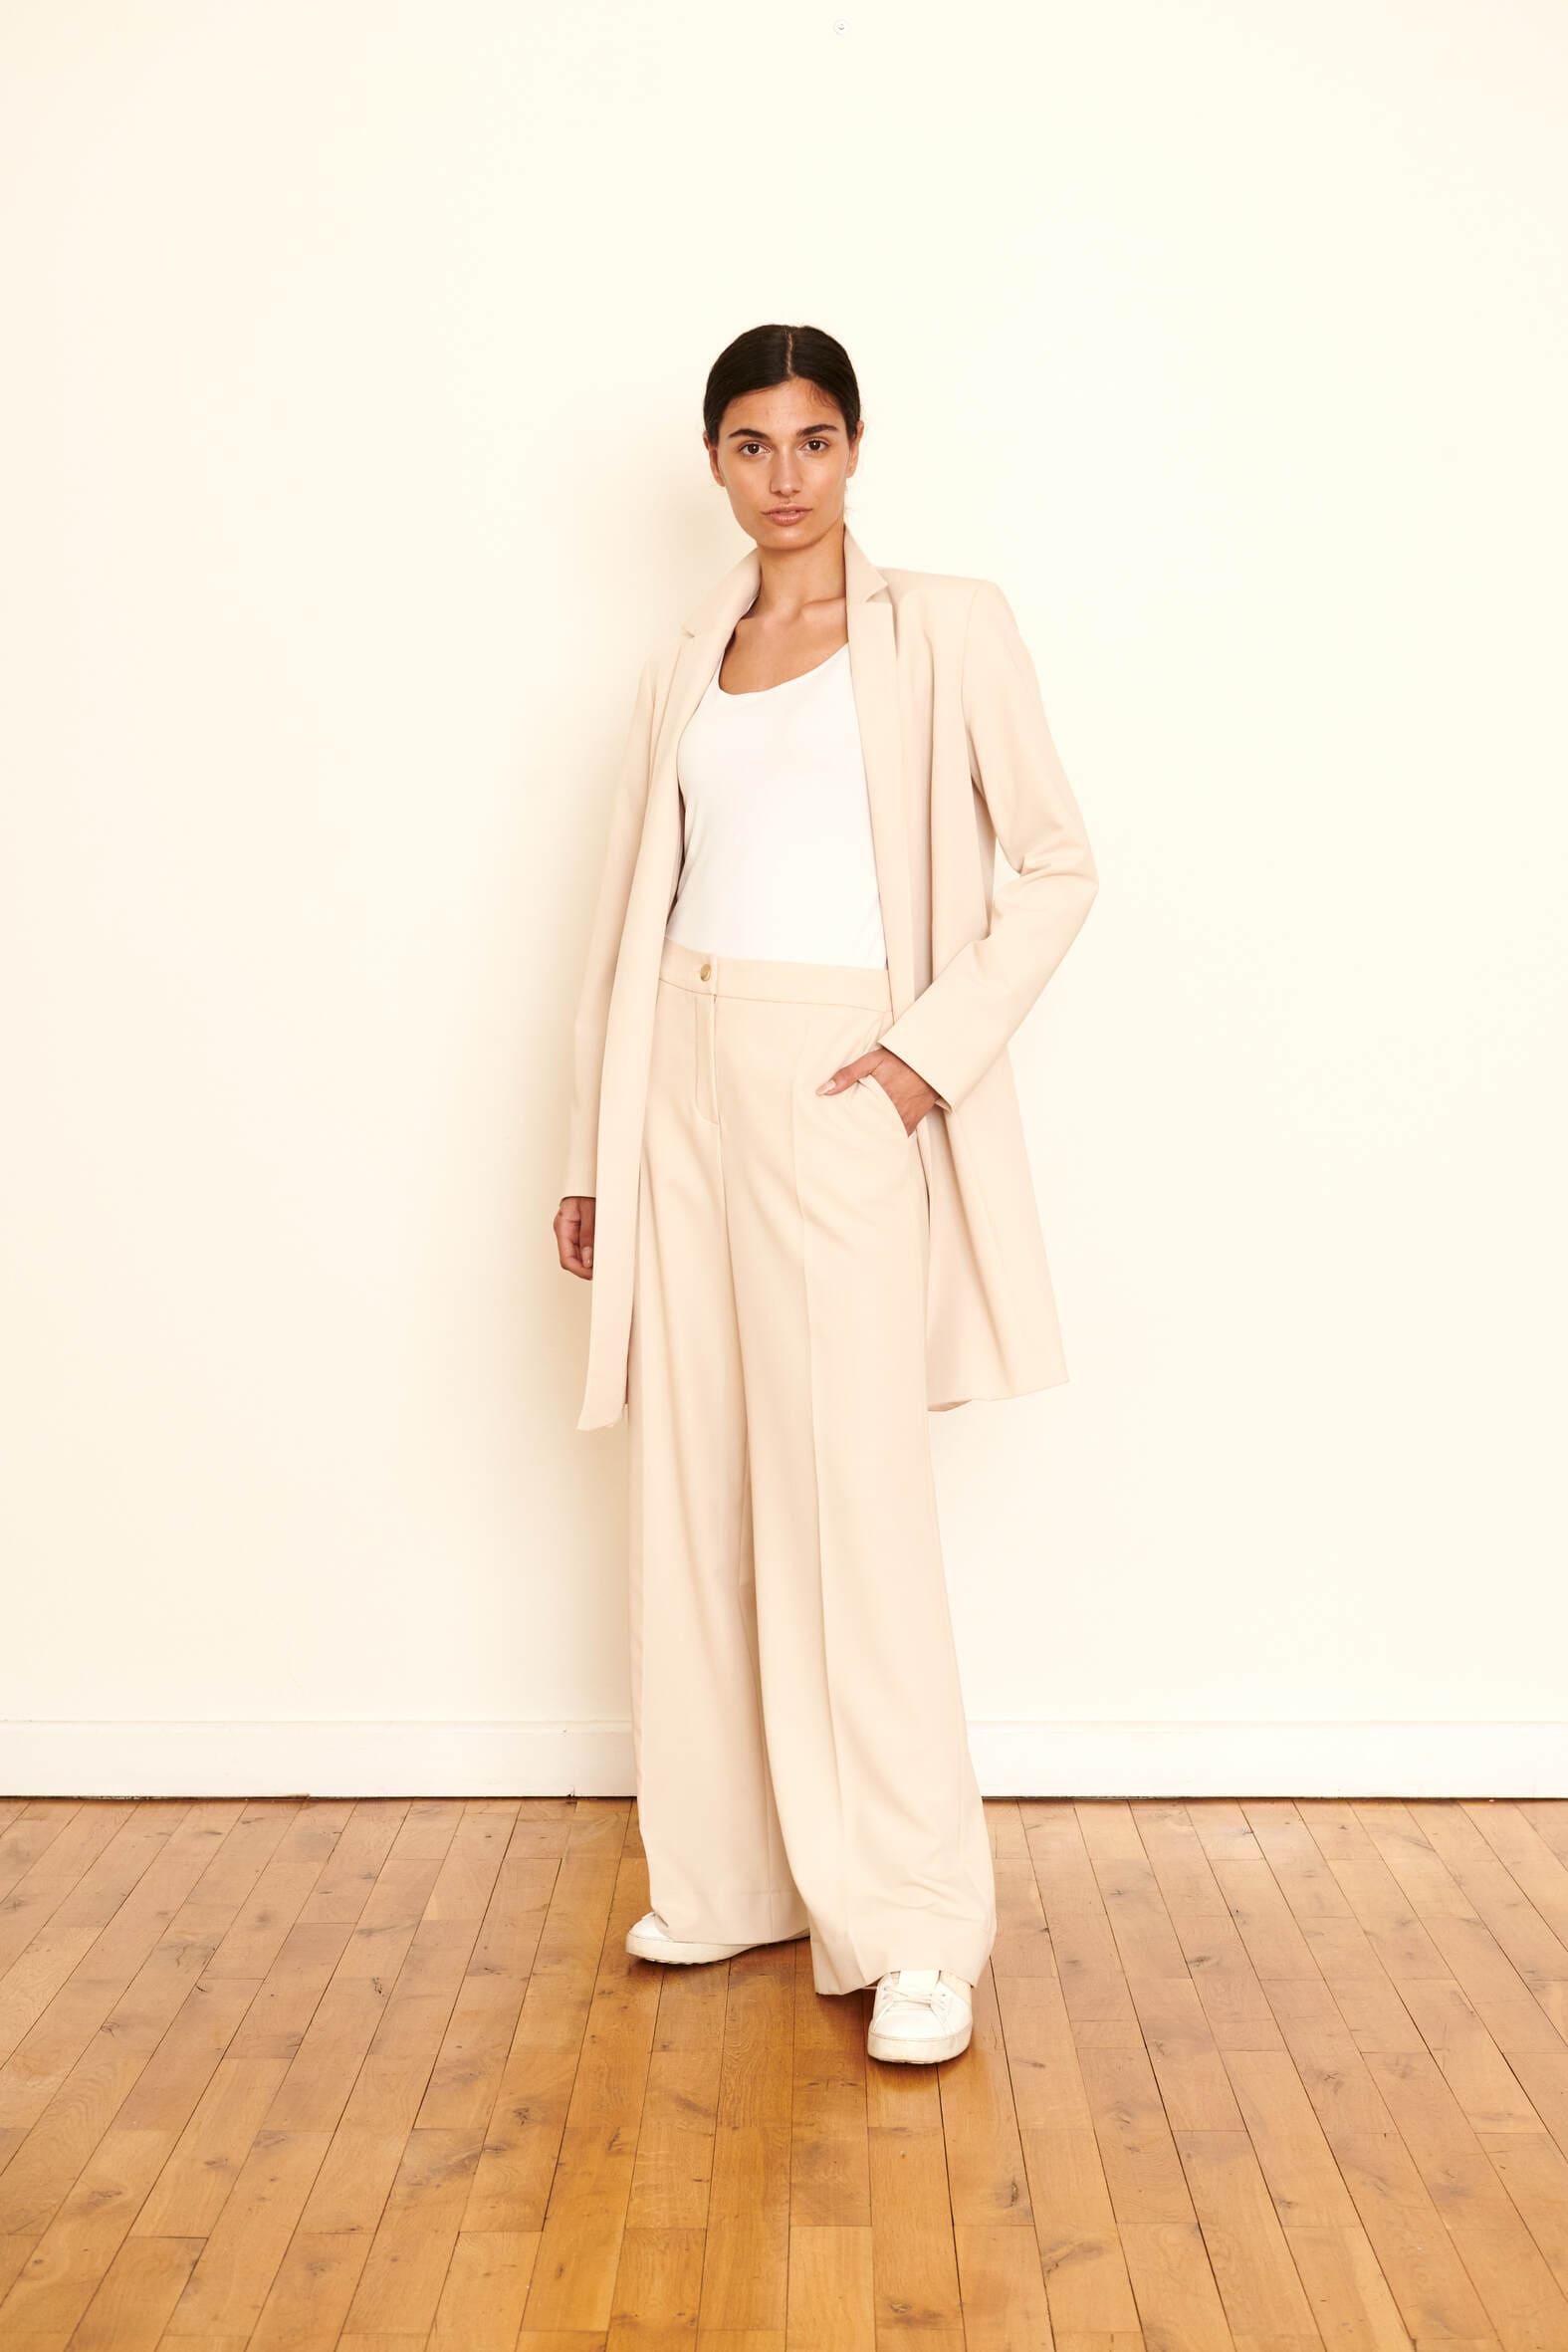 Verleihen Sie mit diesem Mantel in Hightech Material Ihrem Look ein Upgrade - allseits elegant, puristisch, trending. Material :72% Acetet 28% Viskose Farbe: Beige